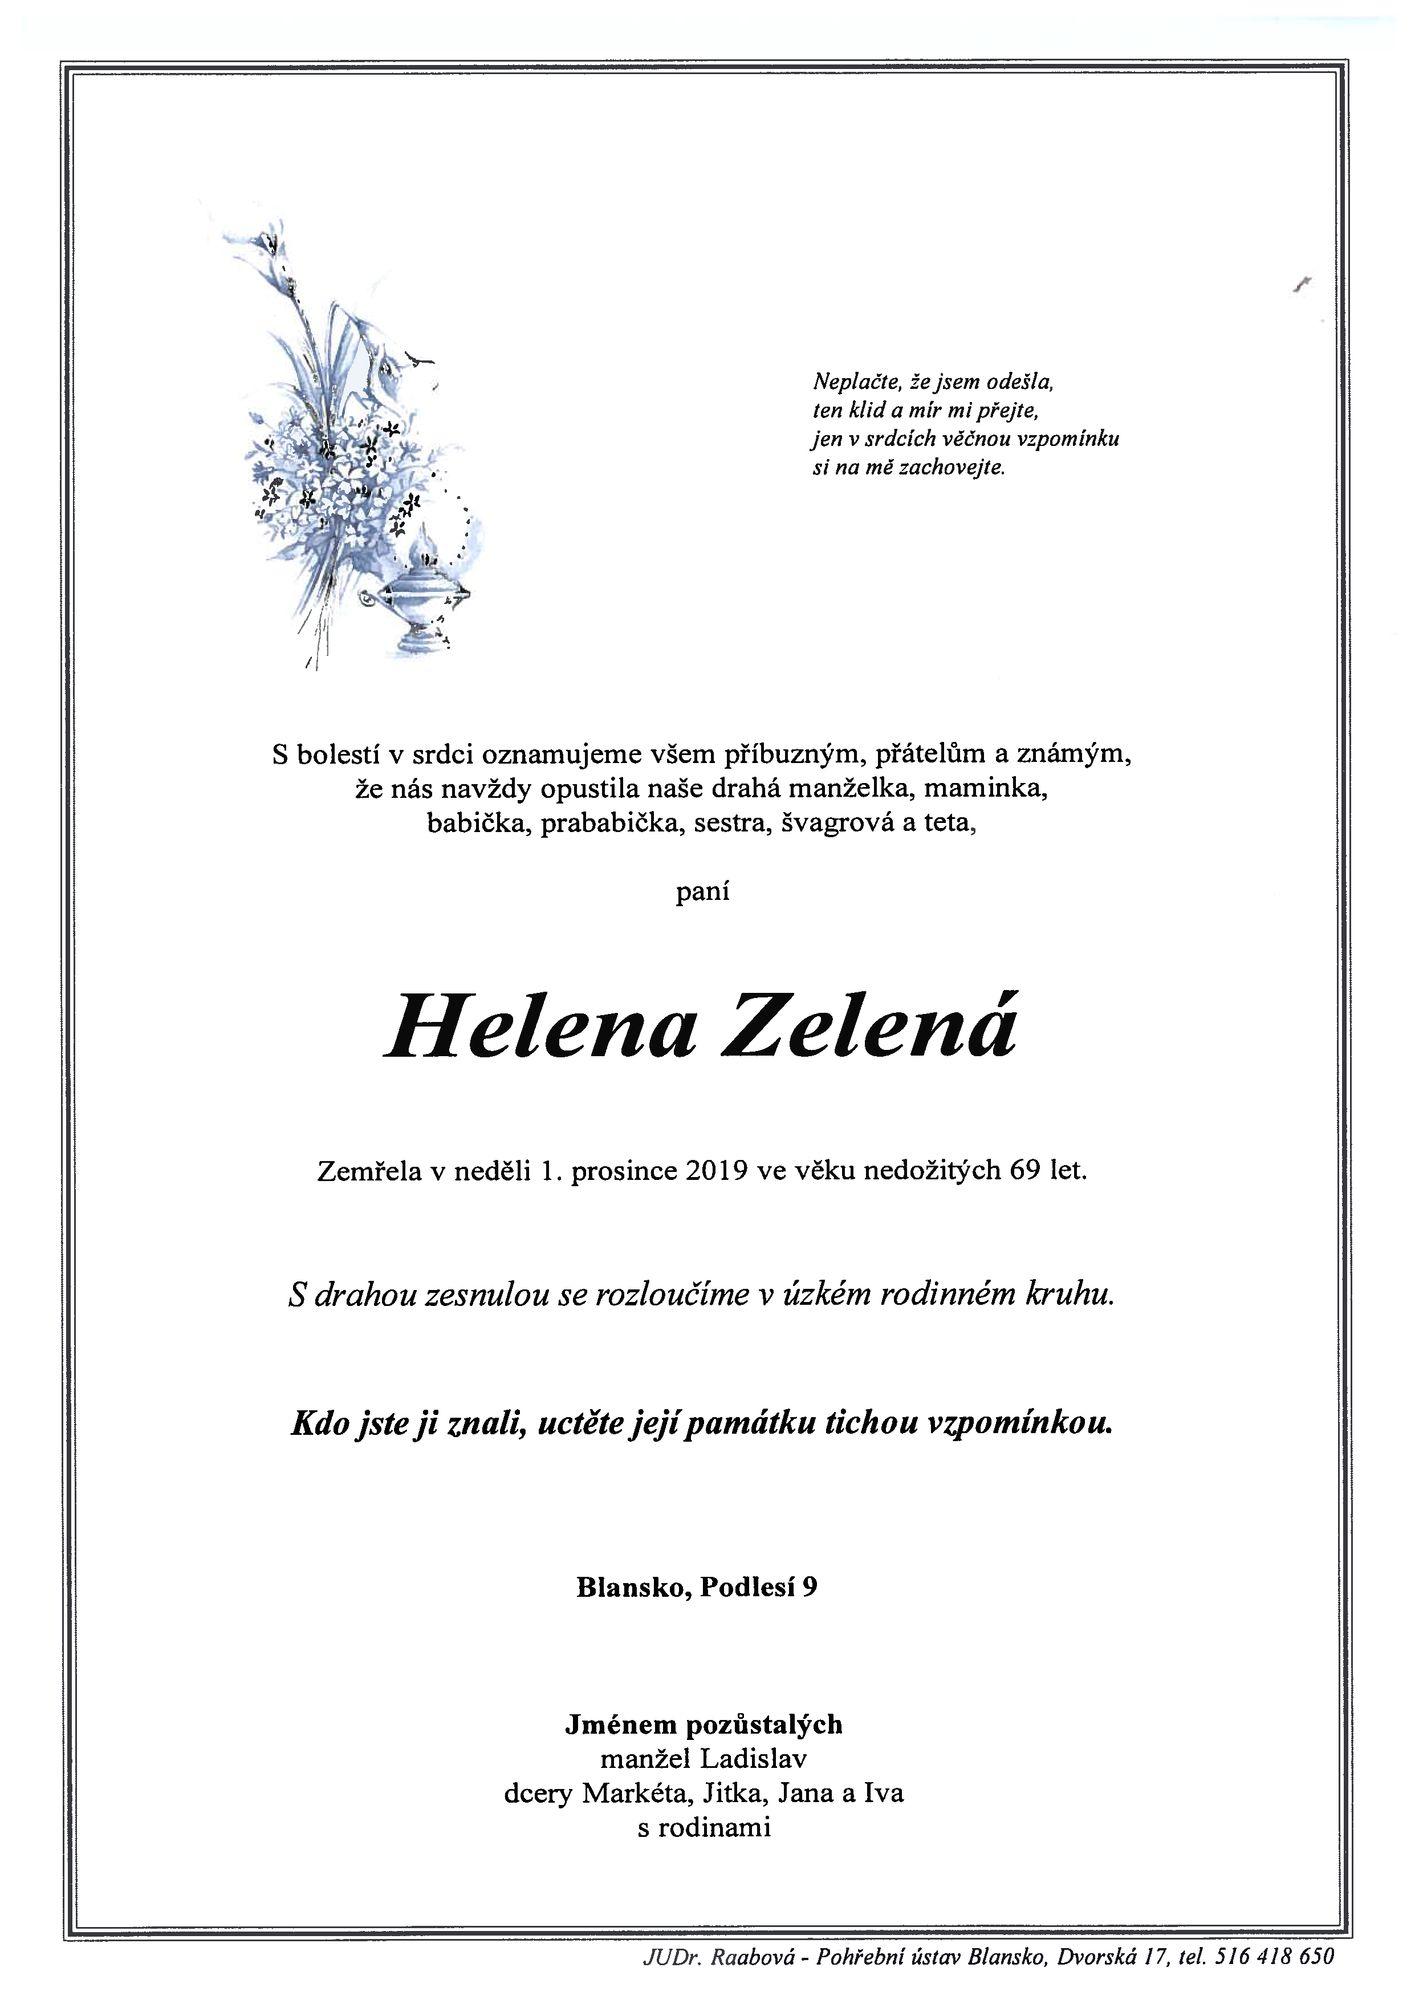 Helena Zelená